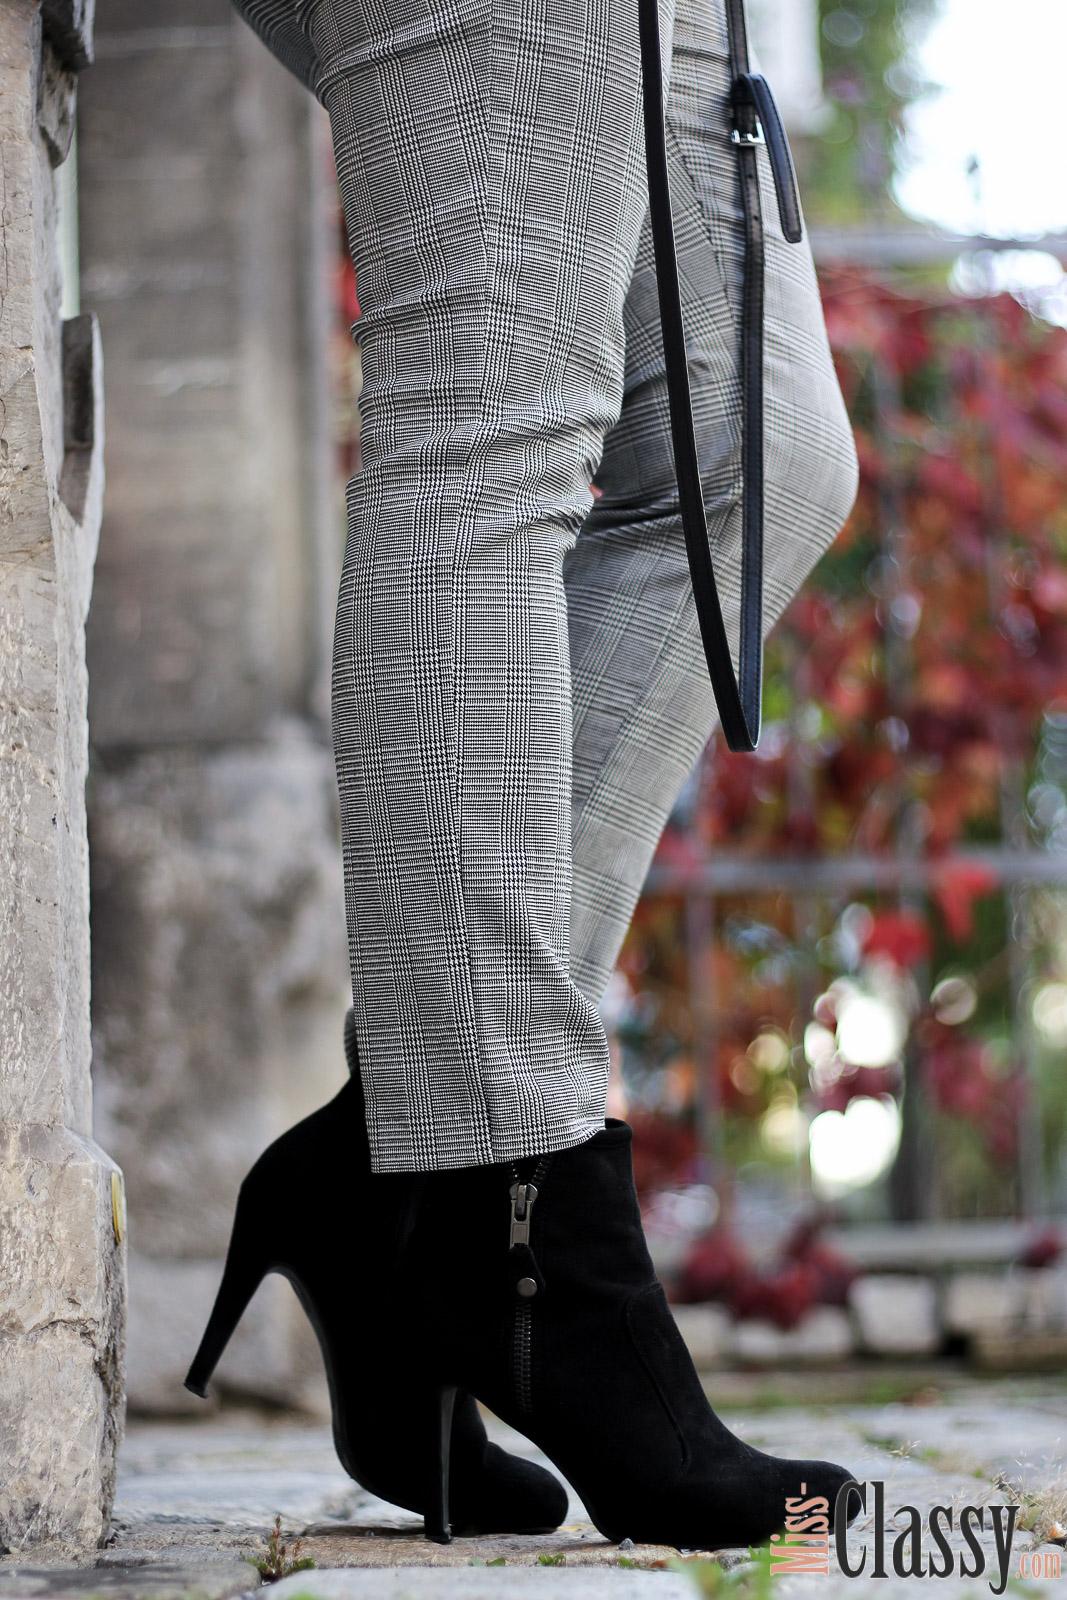 OUTFIT: Der Gingham Trend - Hose mit stylischen Vichy-Karo für 4Stylez4U, Miss Classy, Grazer Fashion Blog, Lifestyle Blog, Bloggerin Graz, classy Fashion, Lederjacke von Hallhuber, Gingham Hose, Hose mit Karomuster, Vichy Karo, H&M, Clutch von Michael Kors, Herbstmode, Sonnenbrille von Vogue, Stiefeletten, Lady Danger Lippenstift von MAC, MAC Cosmetics